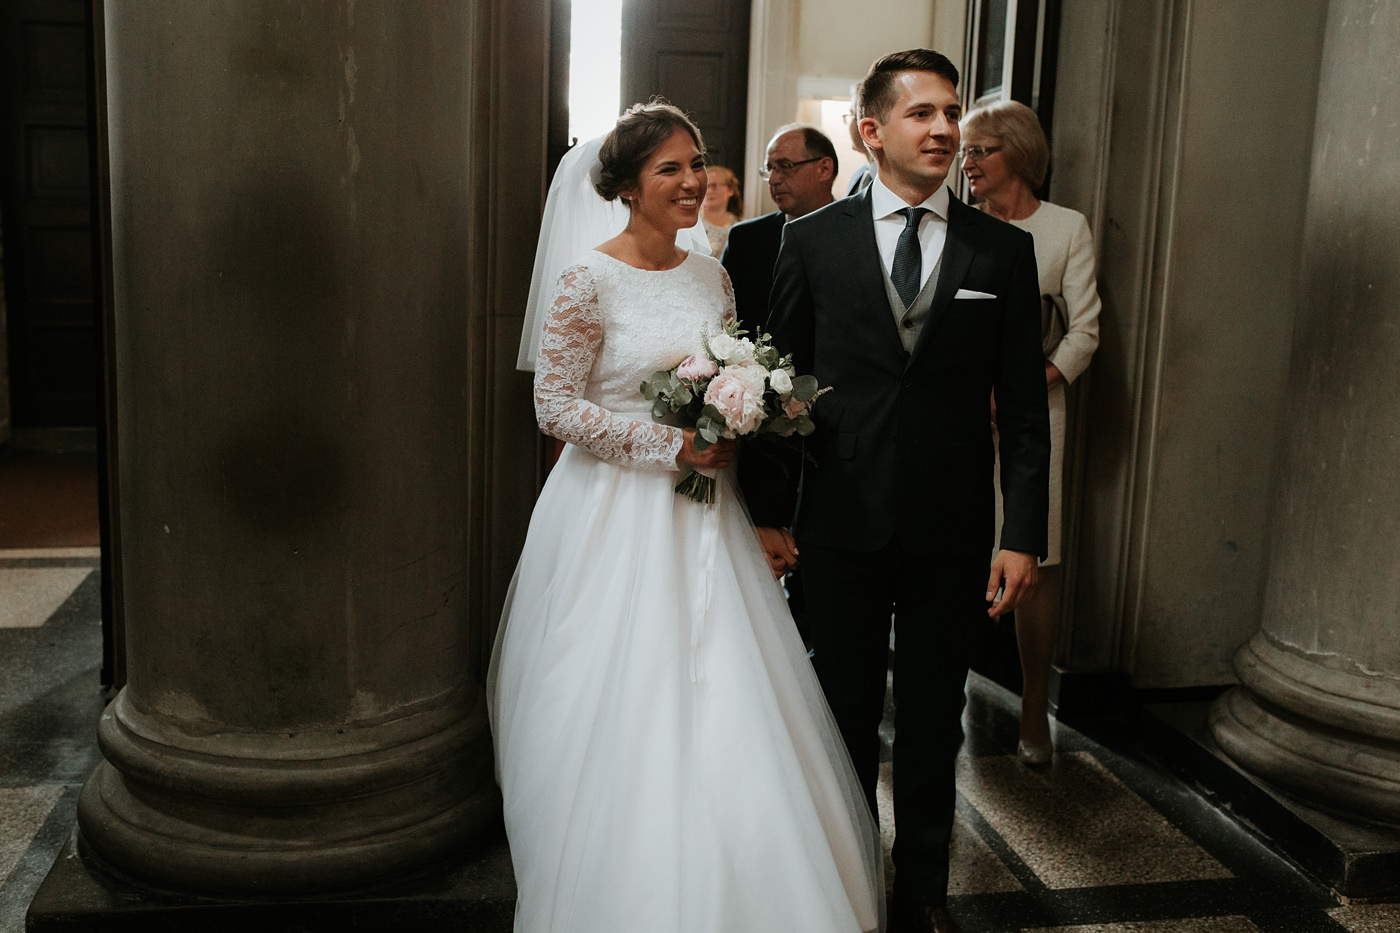 Dominika & Aleksander - Rustykalne wesele w stodole - Baborówko 45